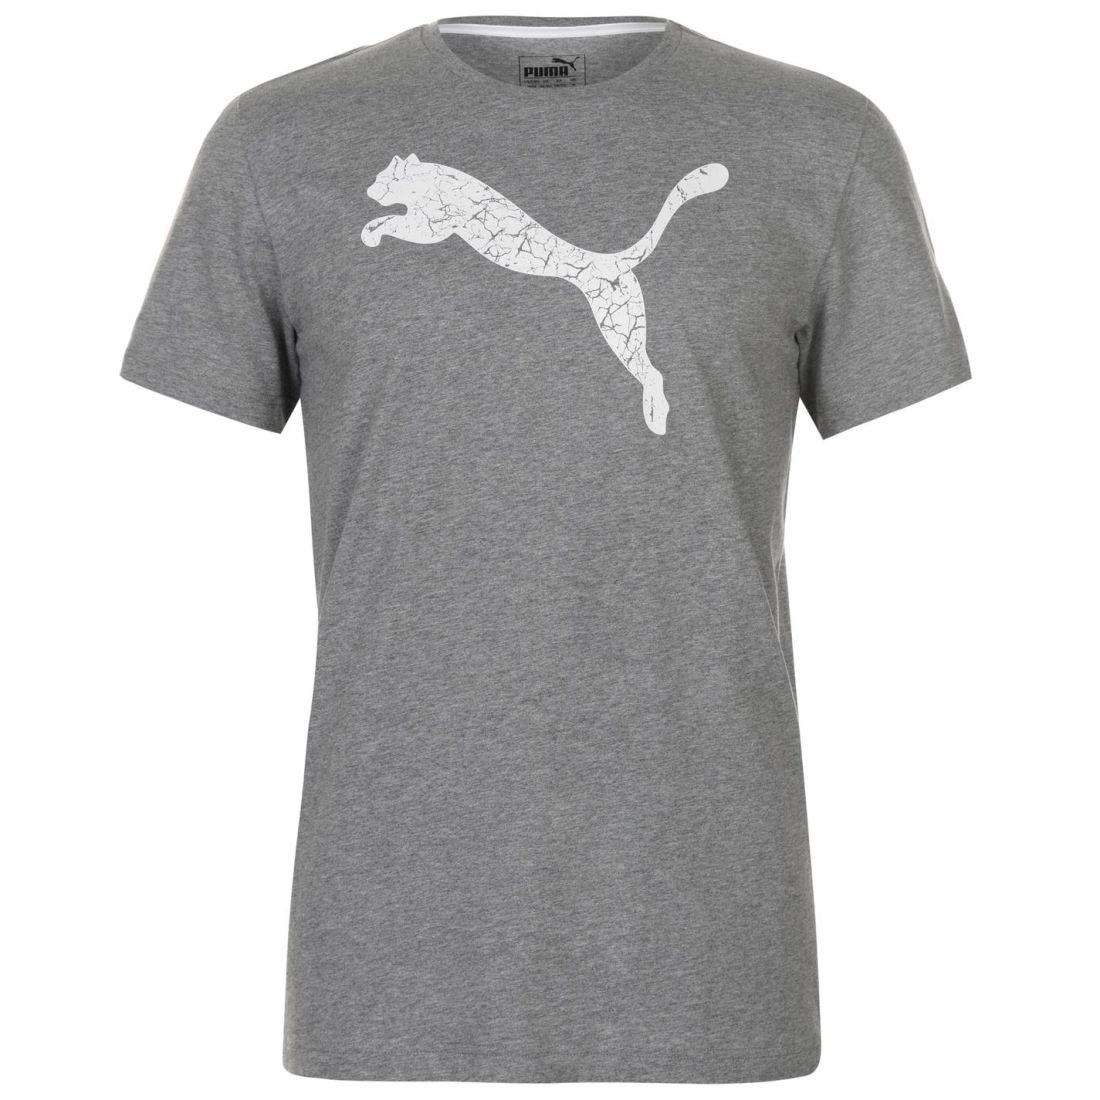 0a9b76d5421 Puma Big Cat QT T Shirt Mens Gents Crew Neck Tee Top Short Sleeve ...